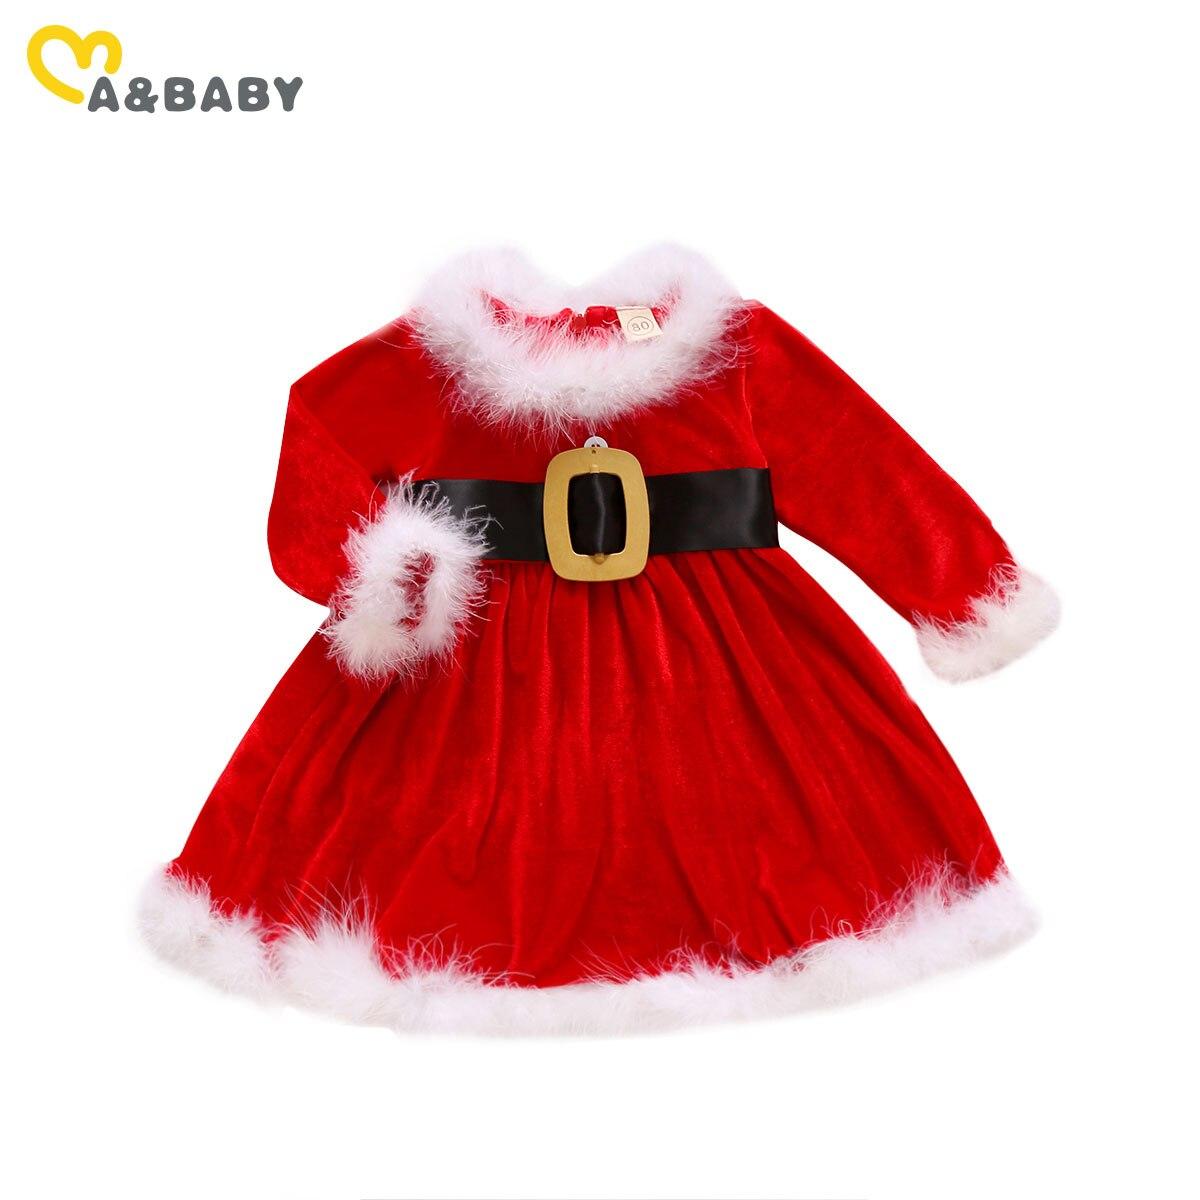 Ma & Baby-robe de noël pour petite fille, tenue Tutu en peluche, rouge, velours, costume de fête de nouvel an, 6m-4 ans